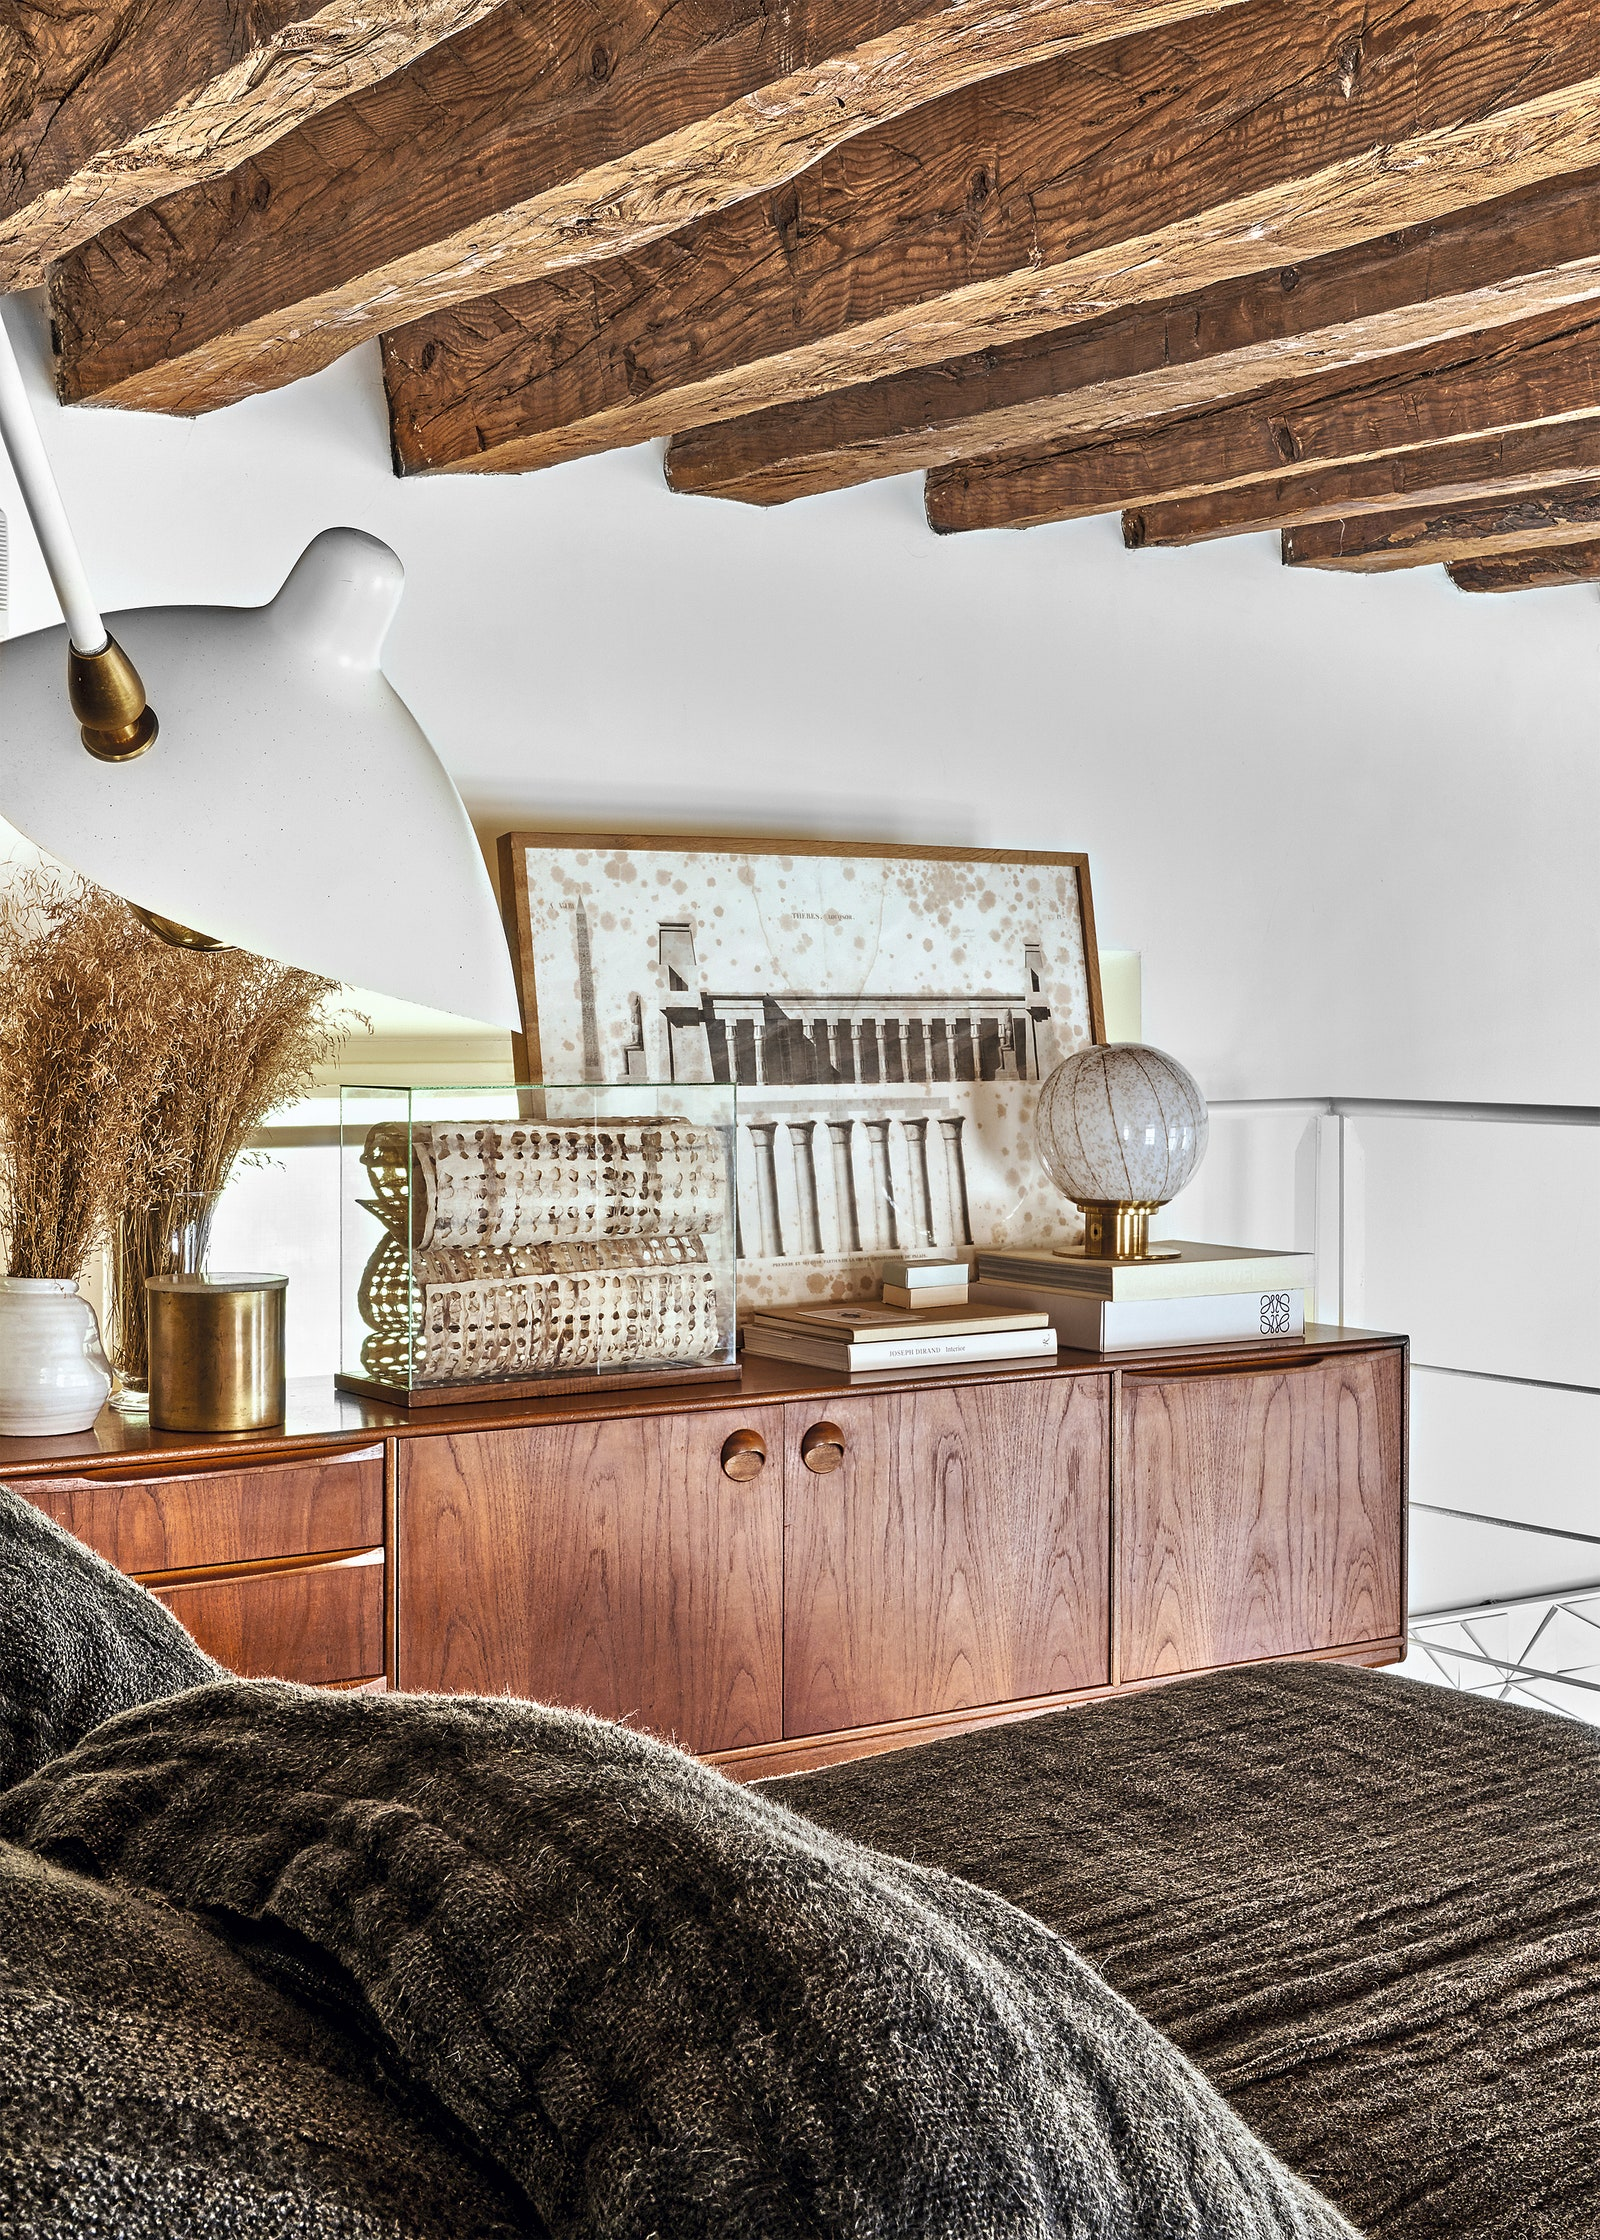 este_verano_practica_nesting_decoración_interiores_lifestyle_consejos-09